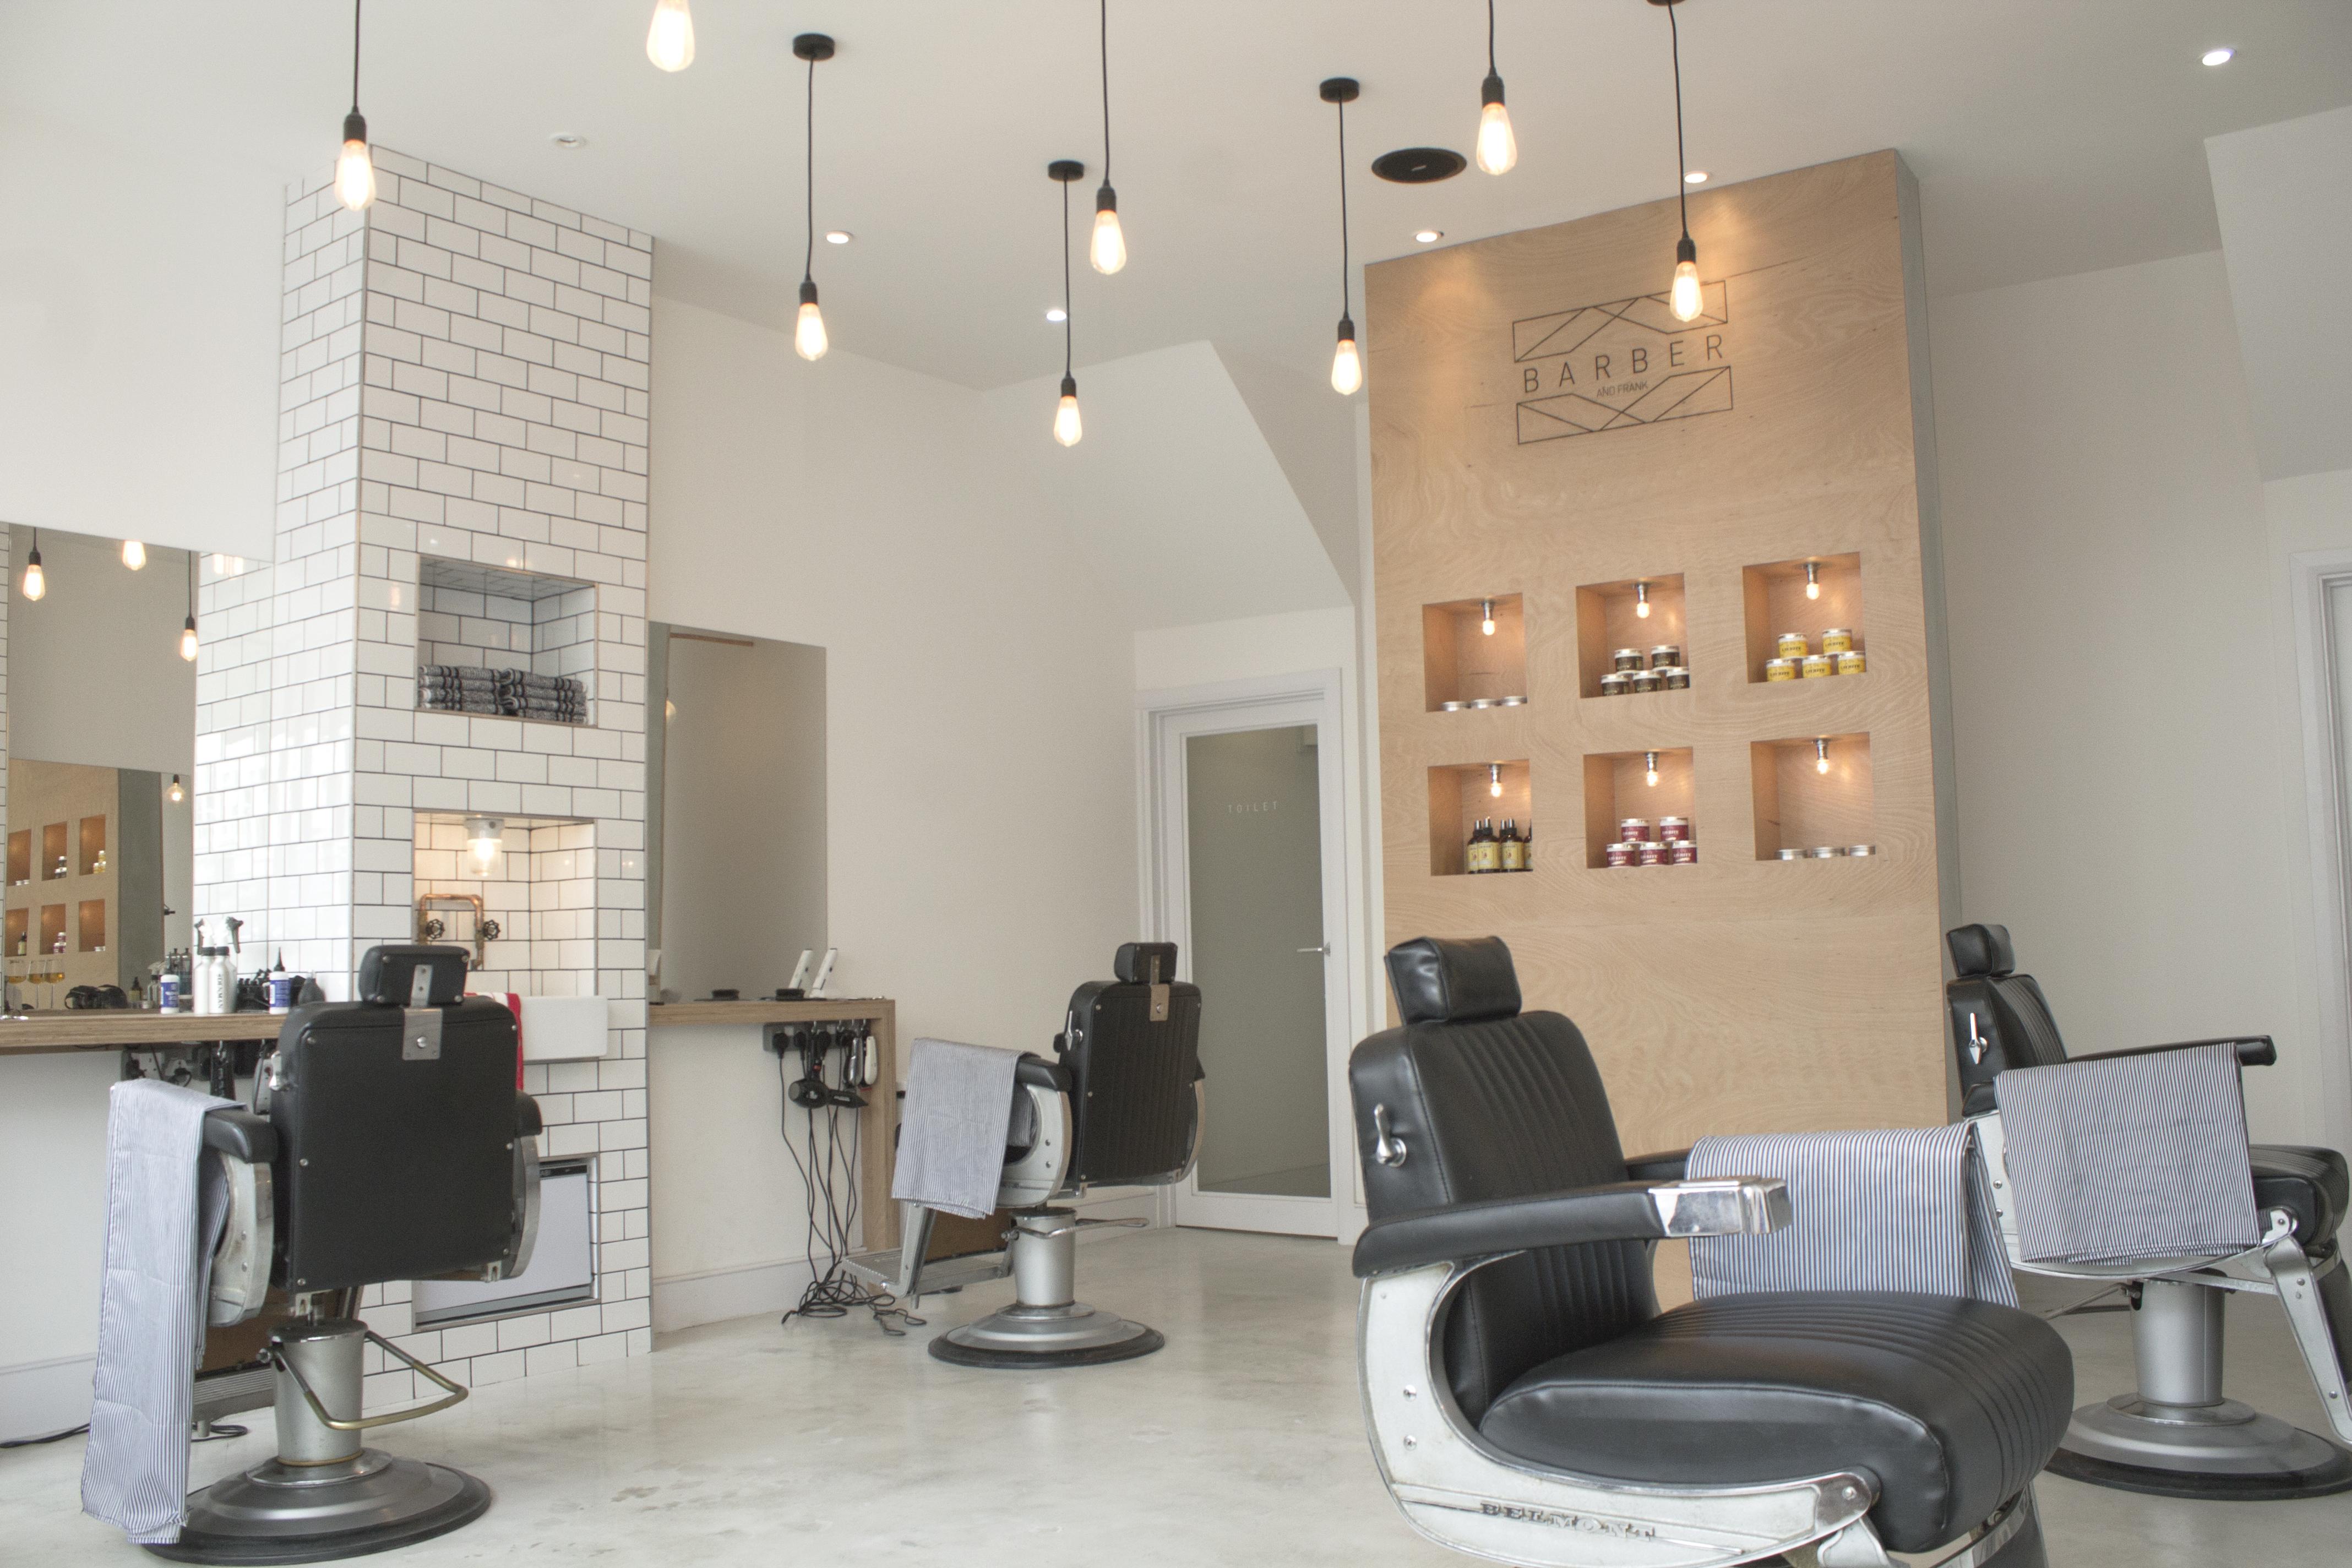 design shop - Barbershop Design Ideas